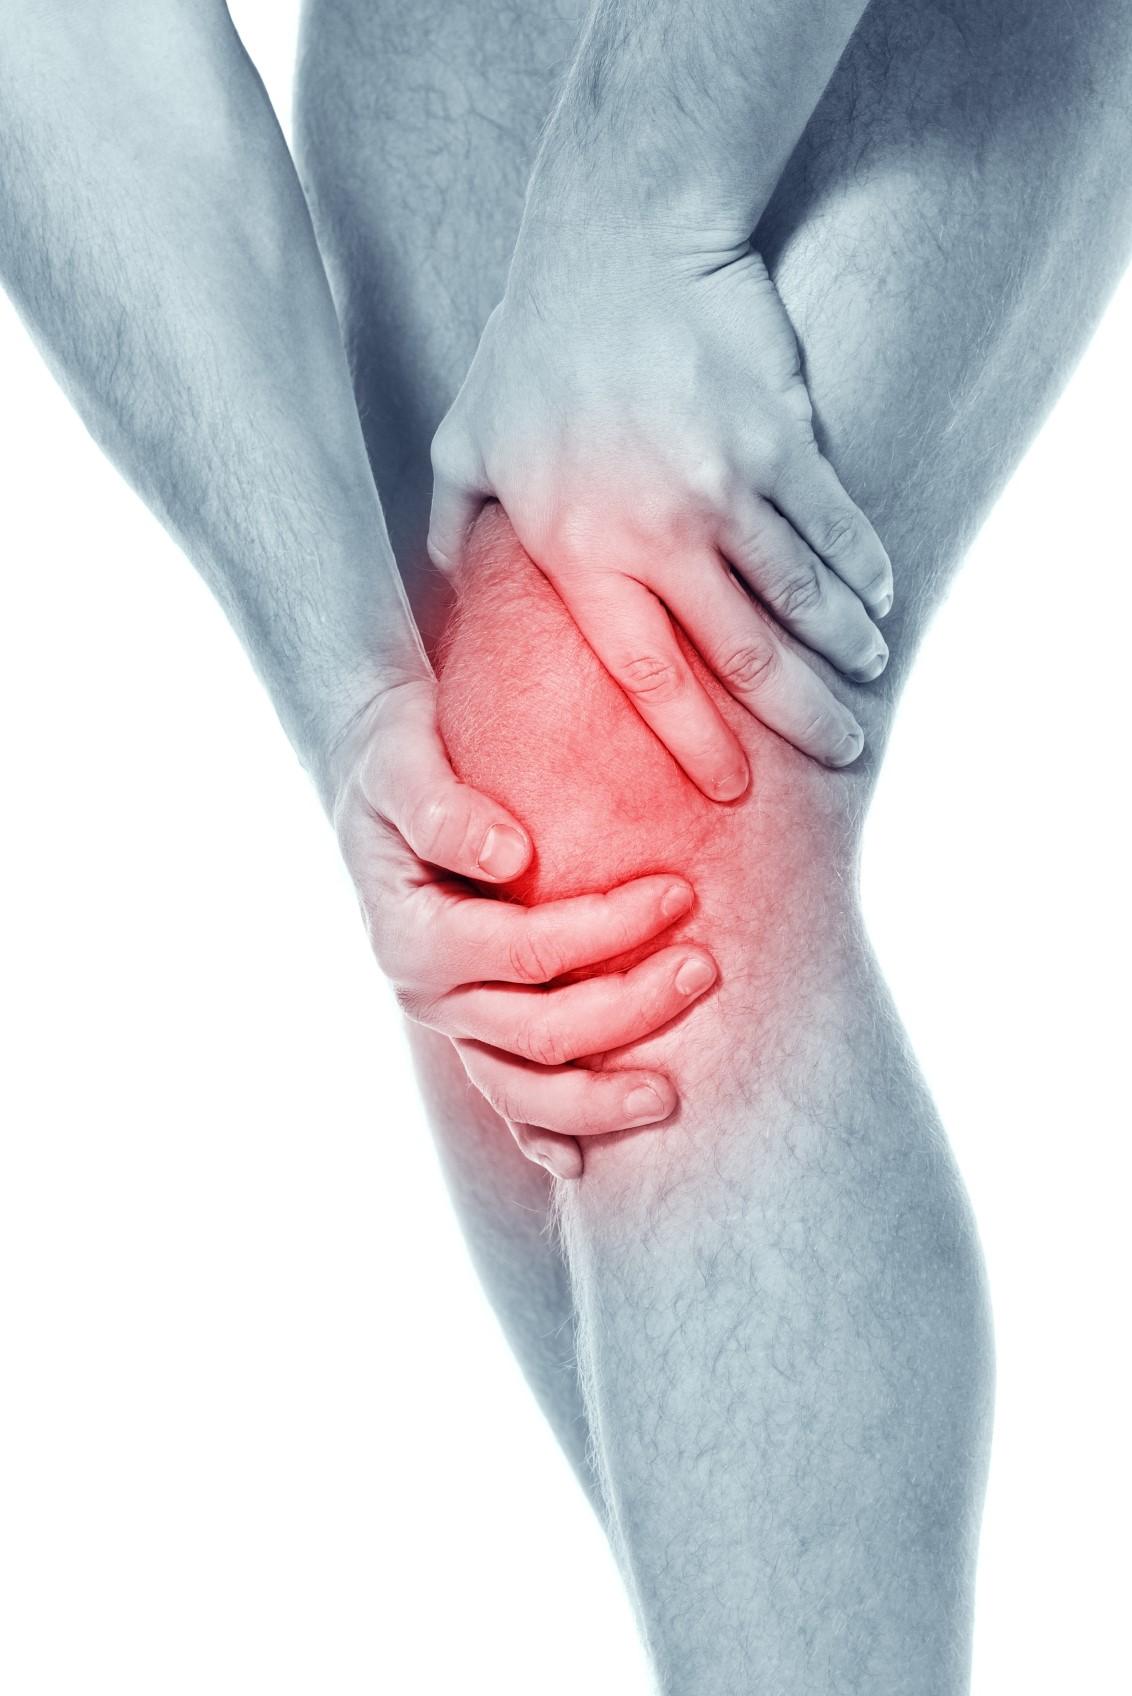 Kuidas ravida valu ola liigese foorumis